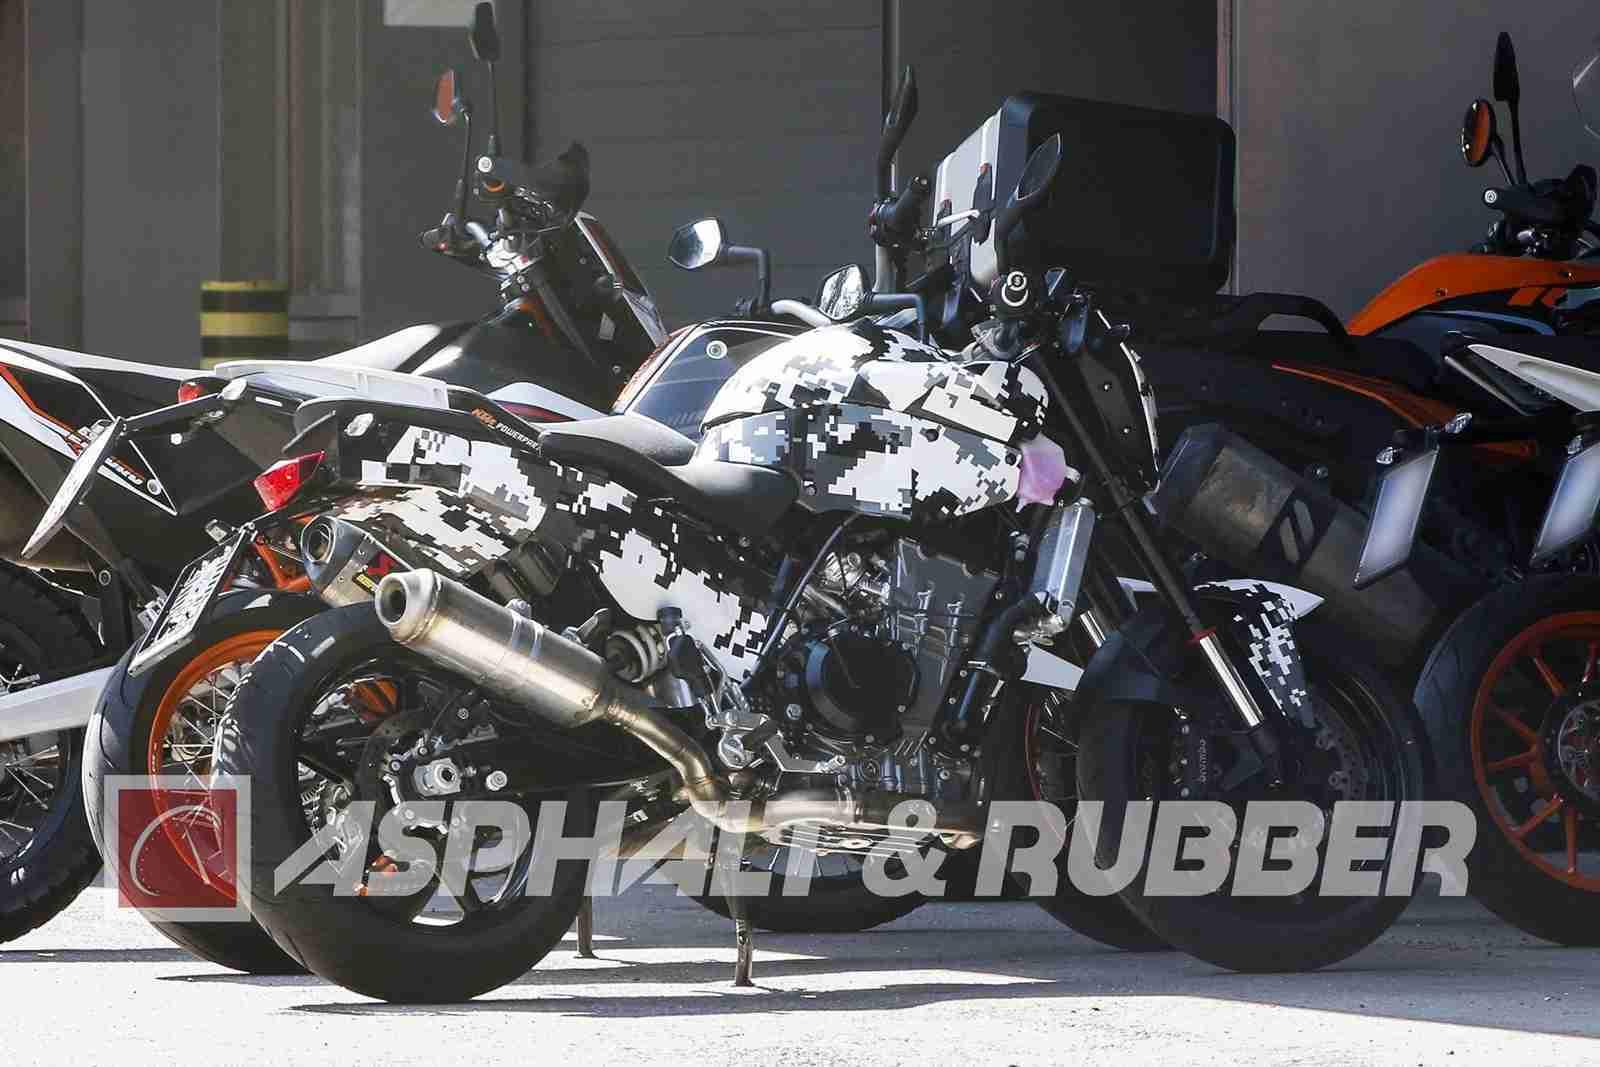 New KTM Duke 800 side view